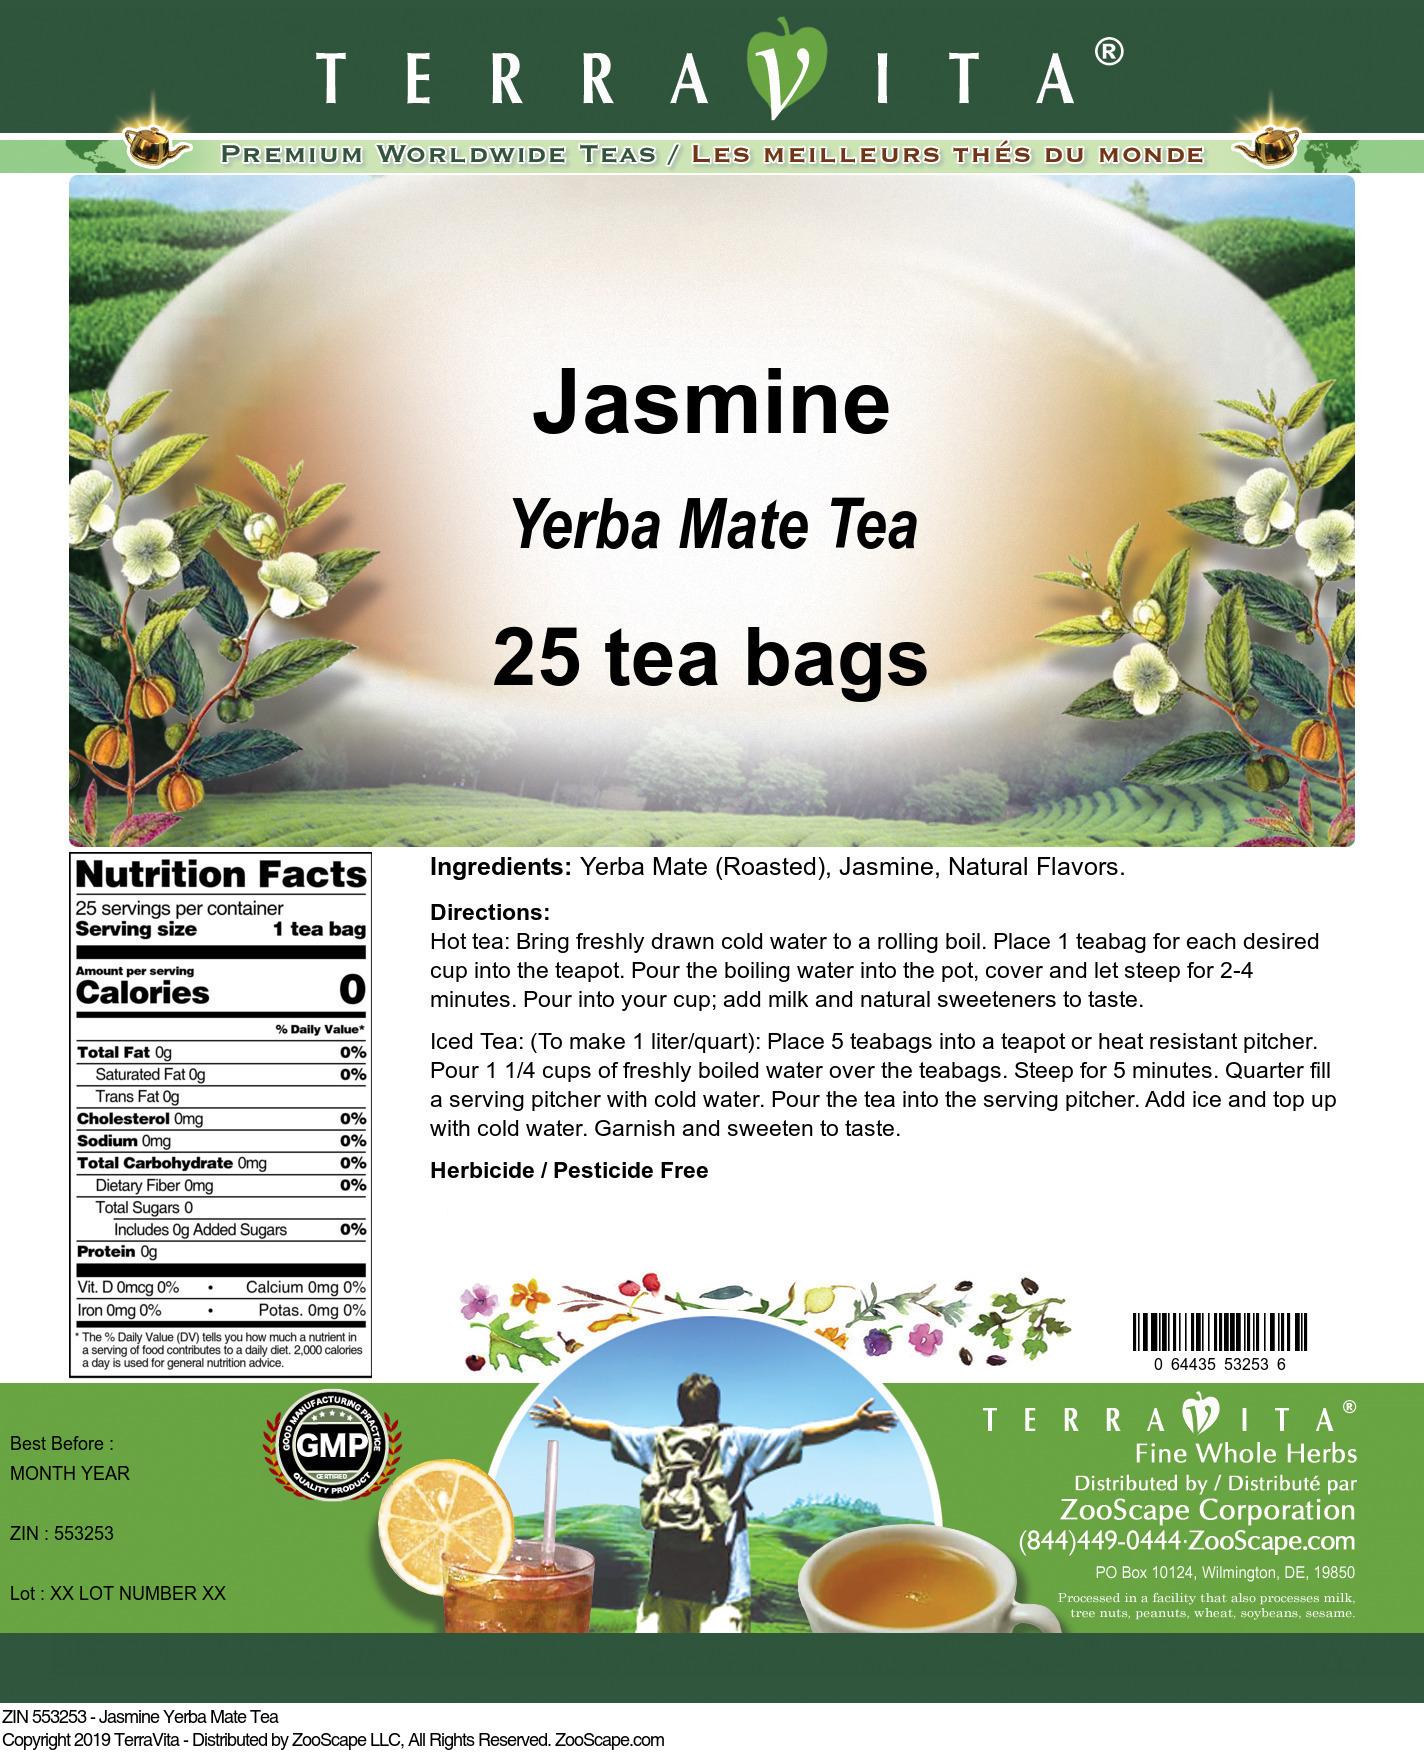 Jasmine Yerba Mate Tea